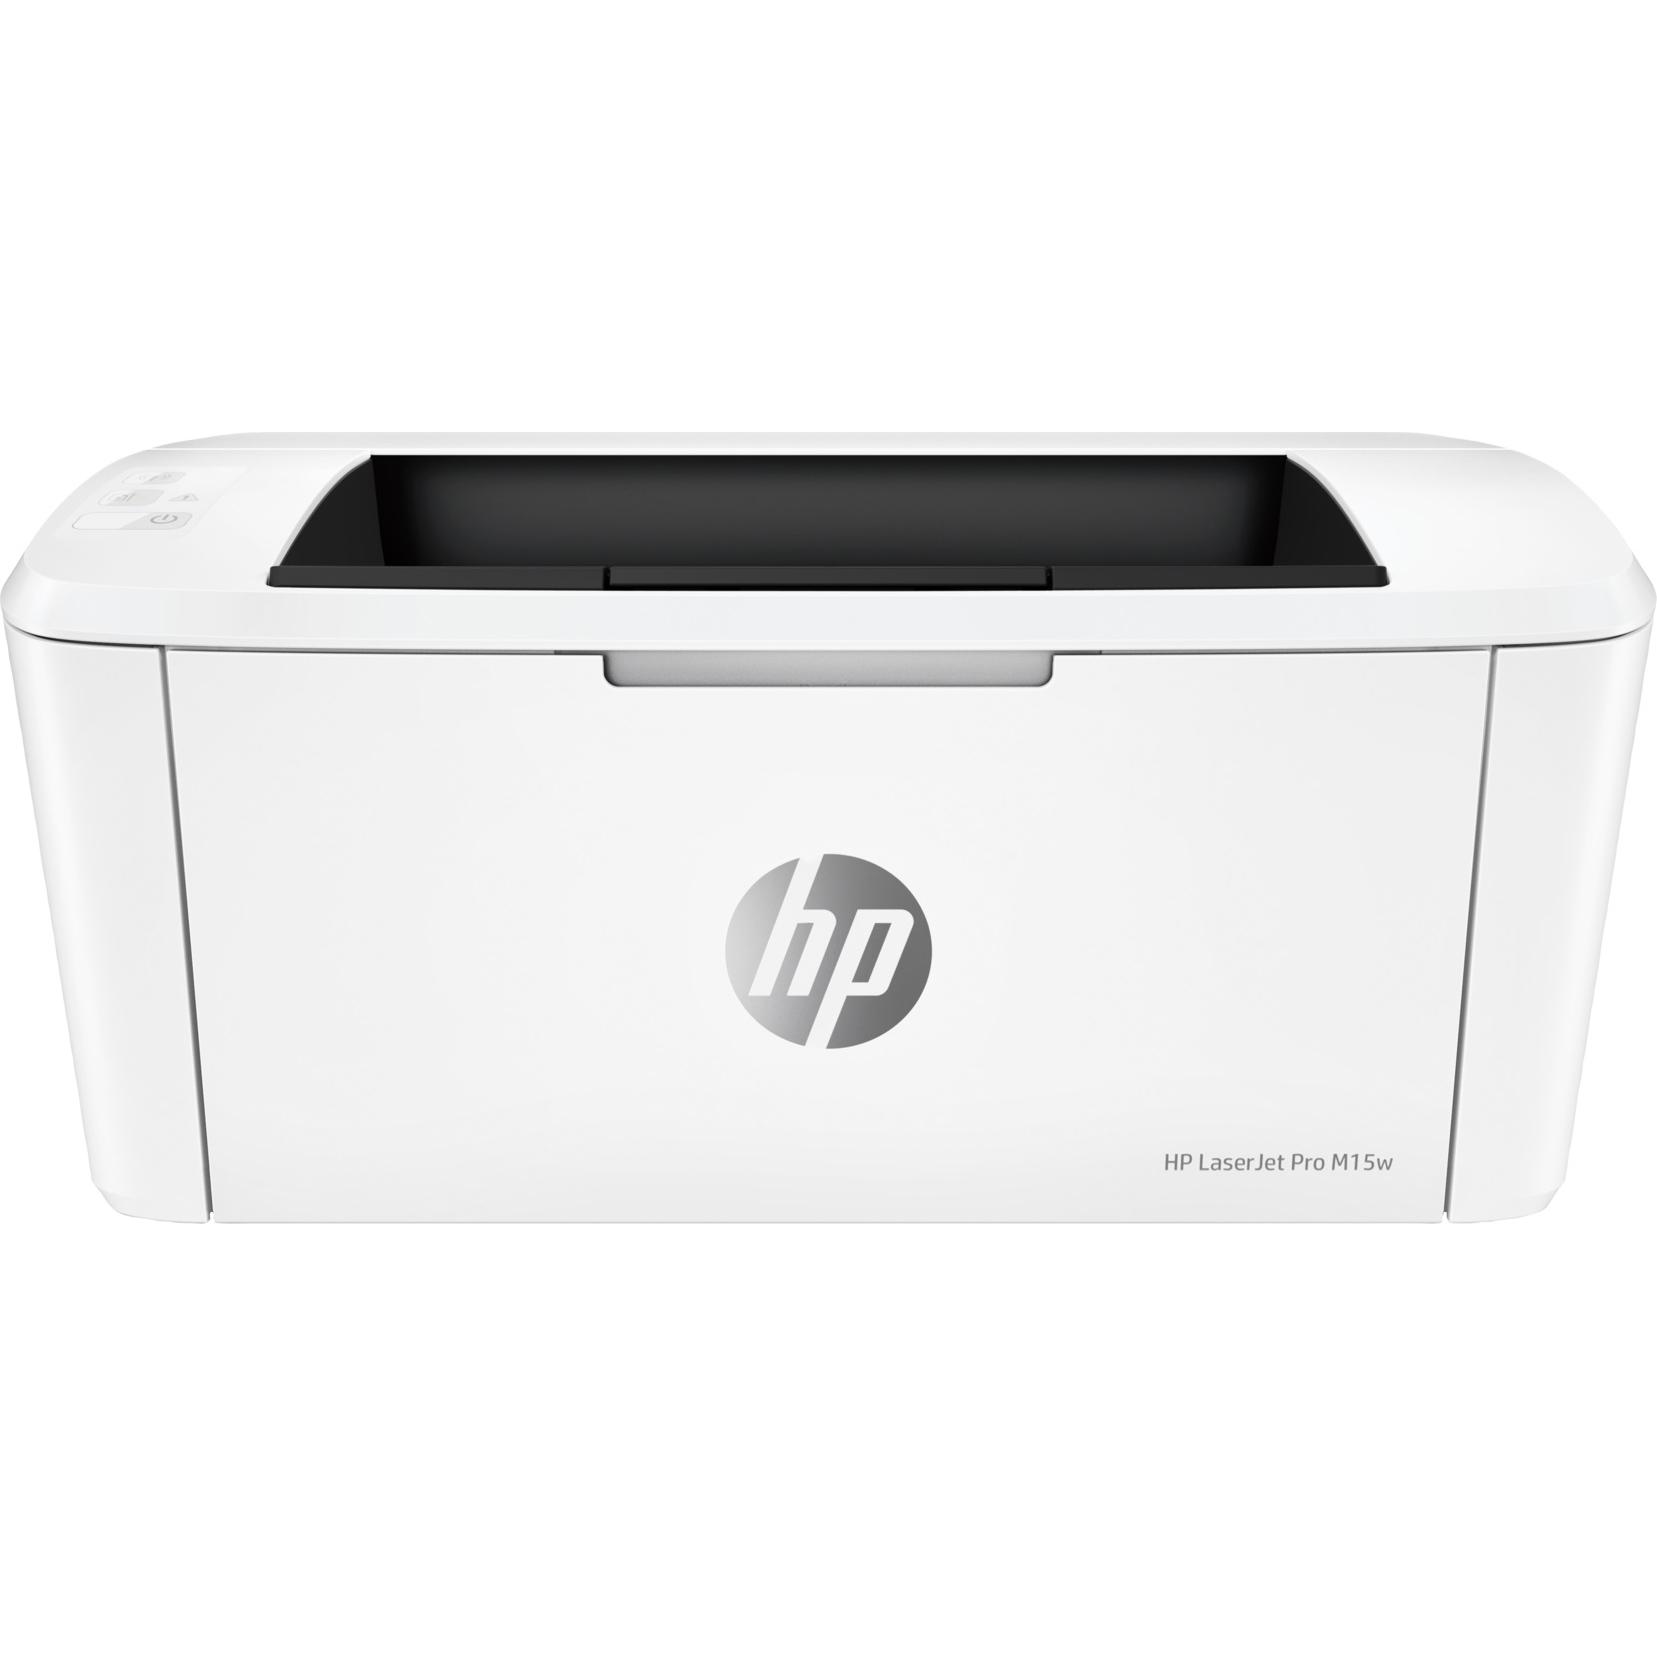 Фото - Принтер HP LaserJet Pro M15w принтер